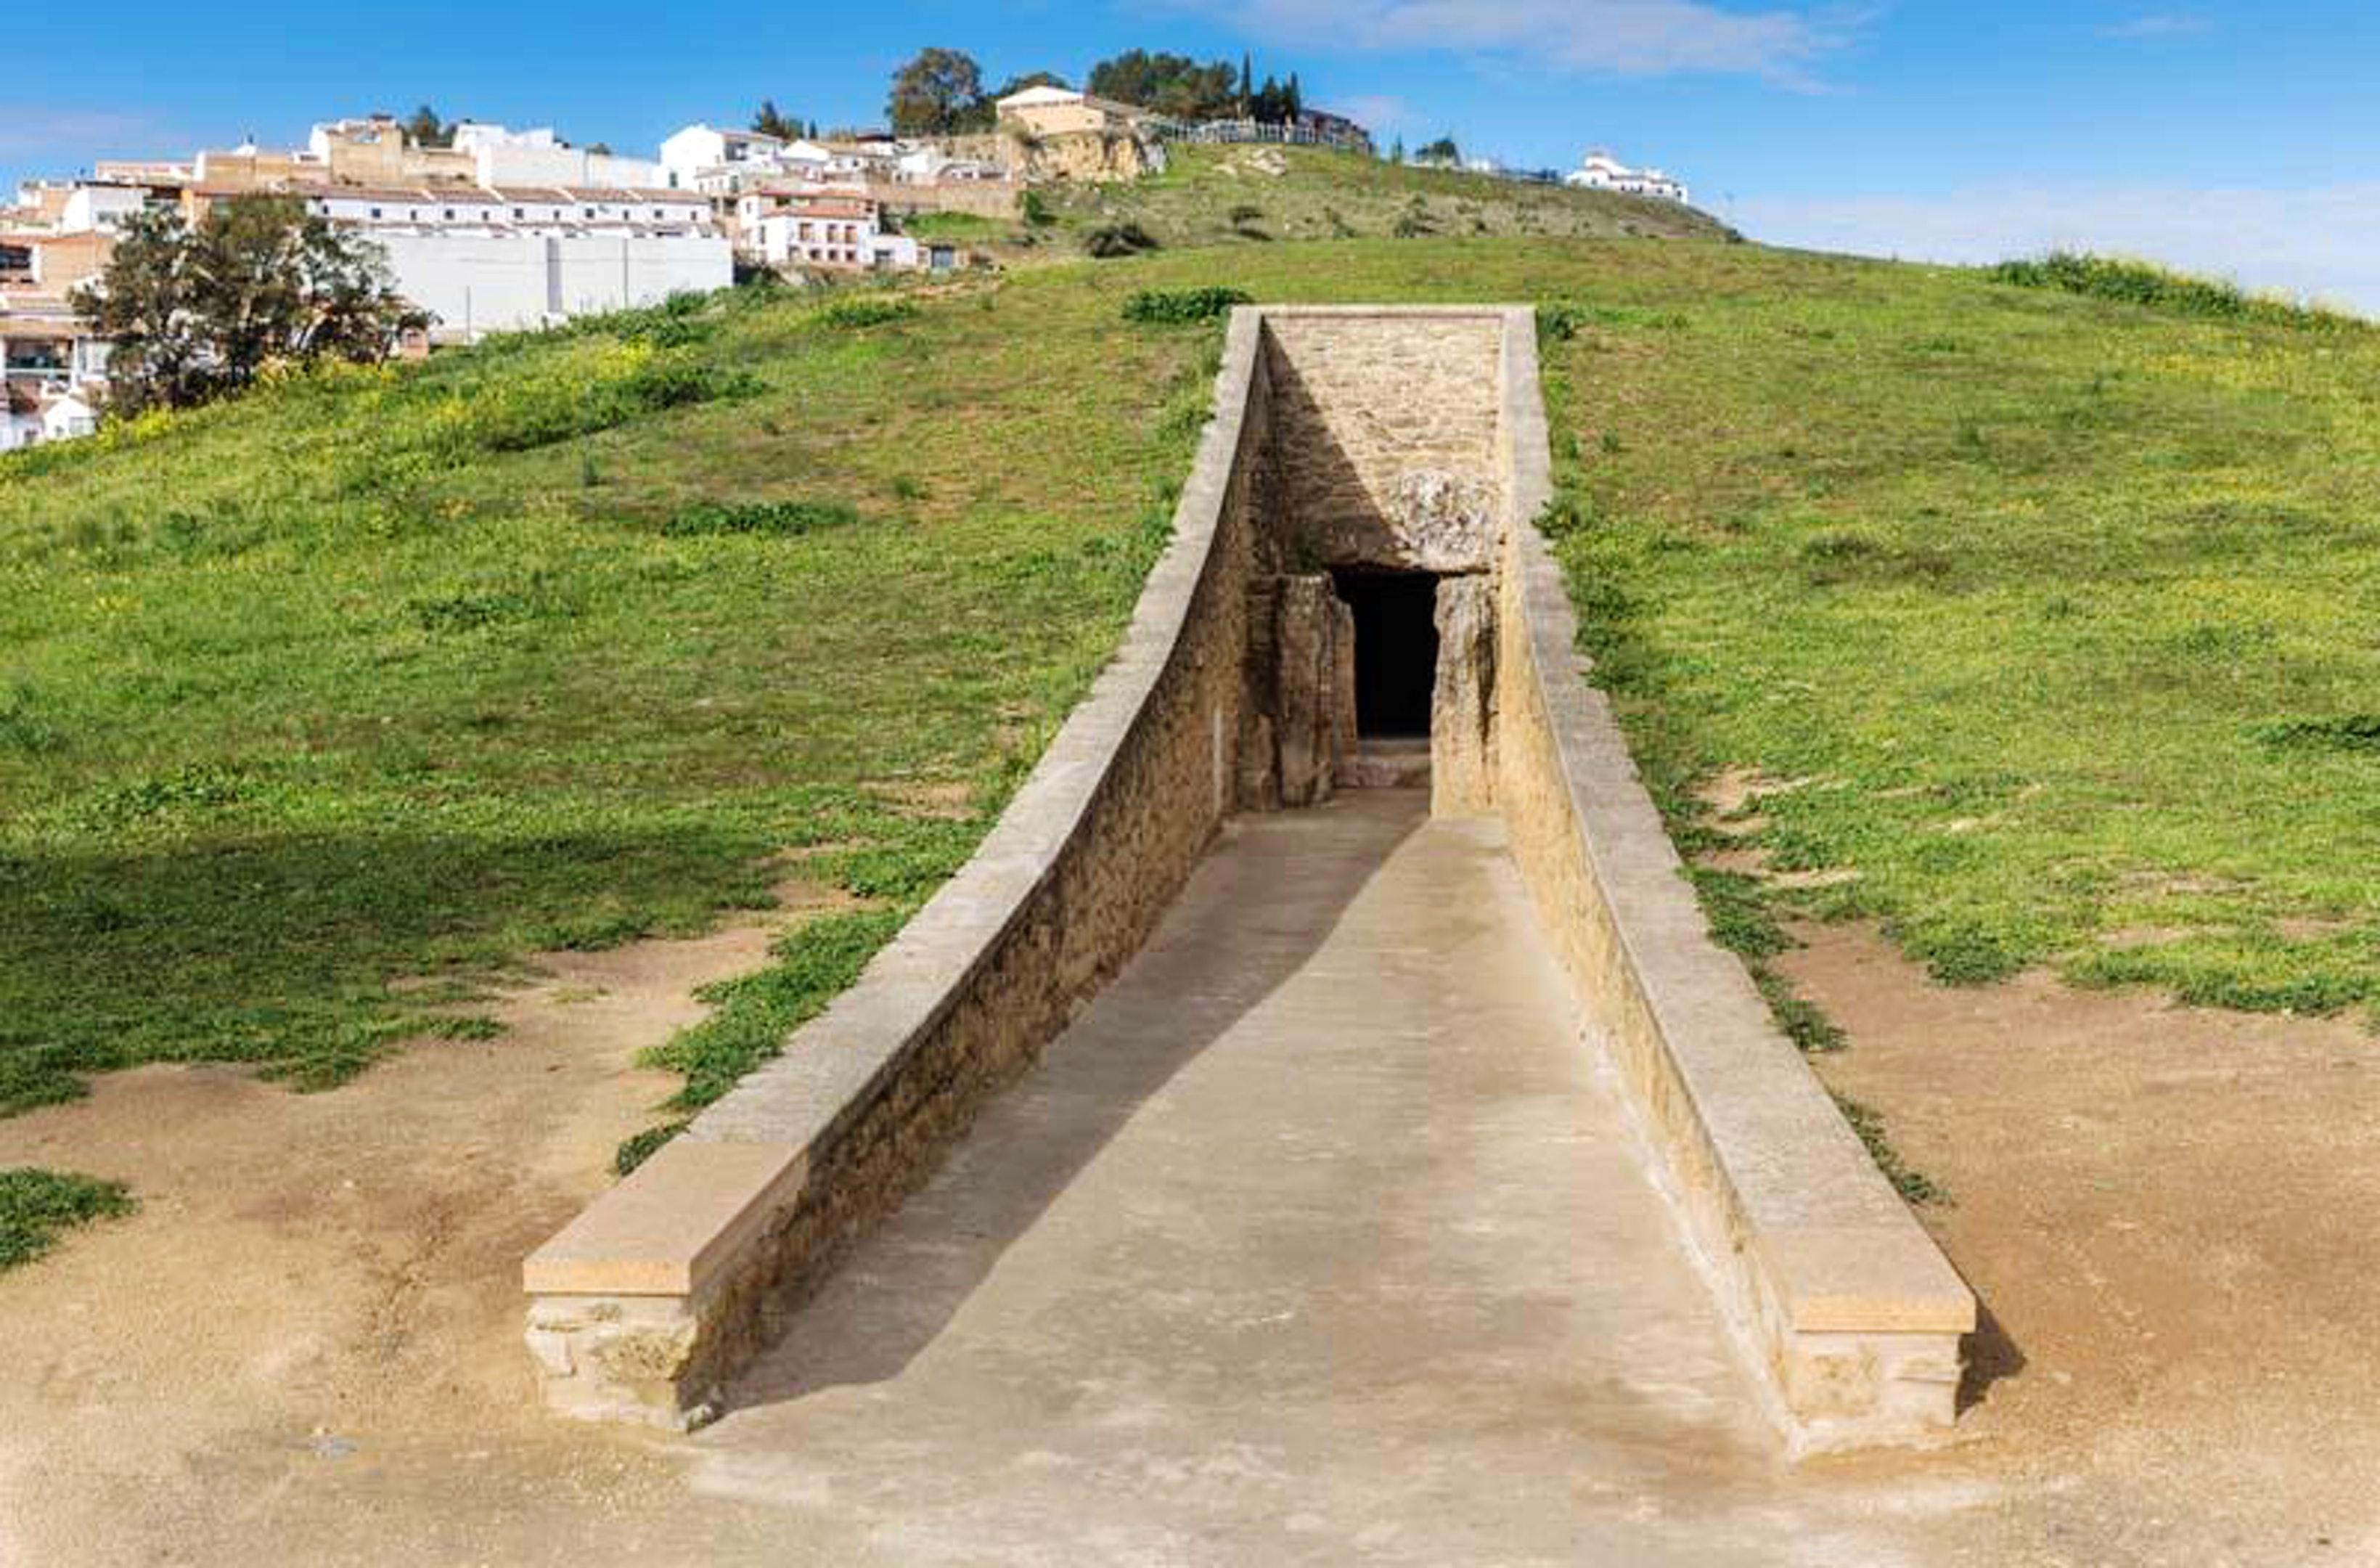 Ferienwohnung Wohnung mit 3 Schlafzimmern in Antequera mit möblierter Terrasse und W-LAN (2706842), Antequera, Malaga, Andalusien, Spanien, Bild 35